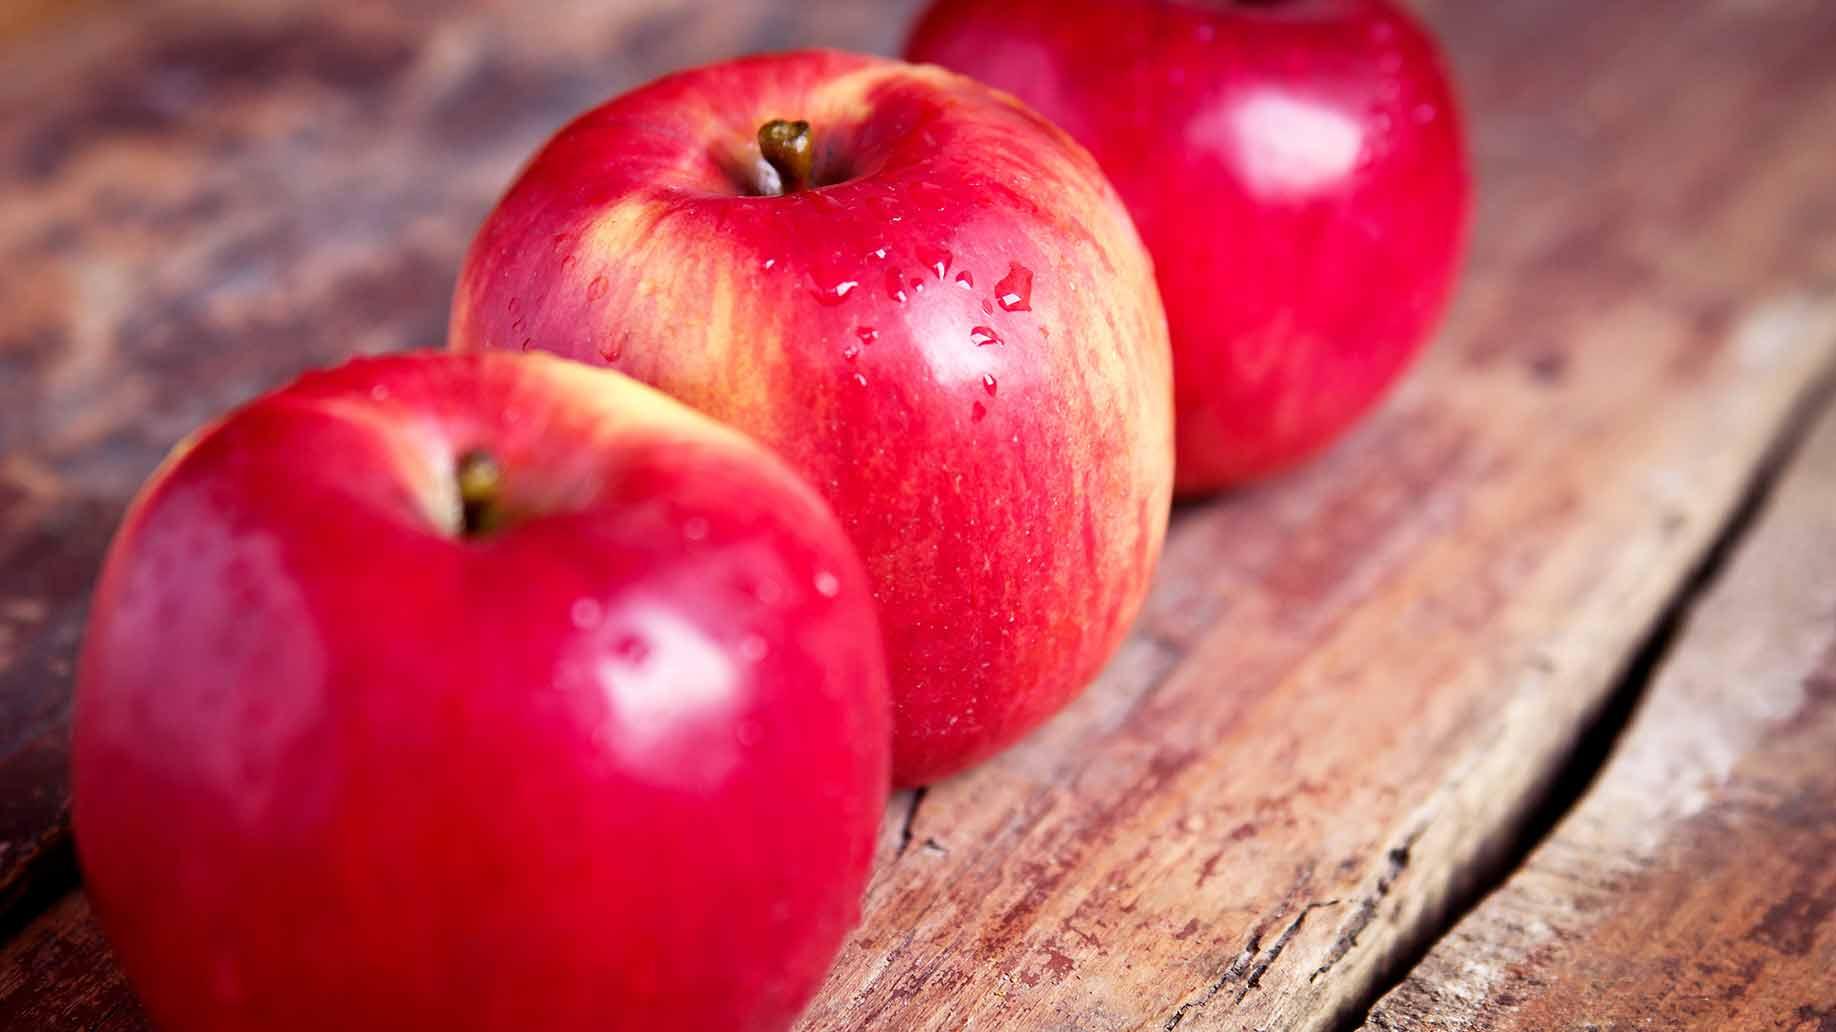 apples red fresh juicy fresh fruit